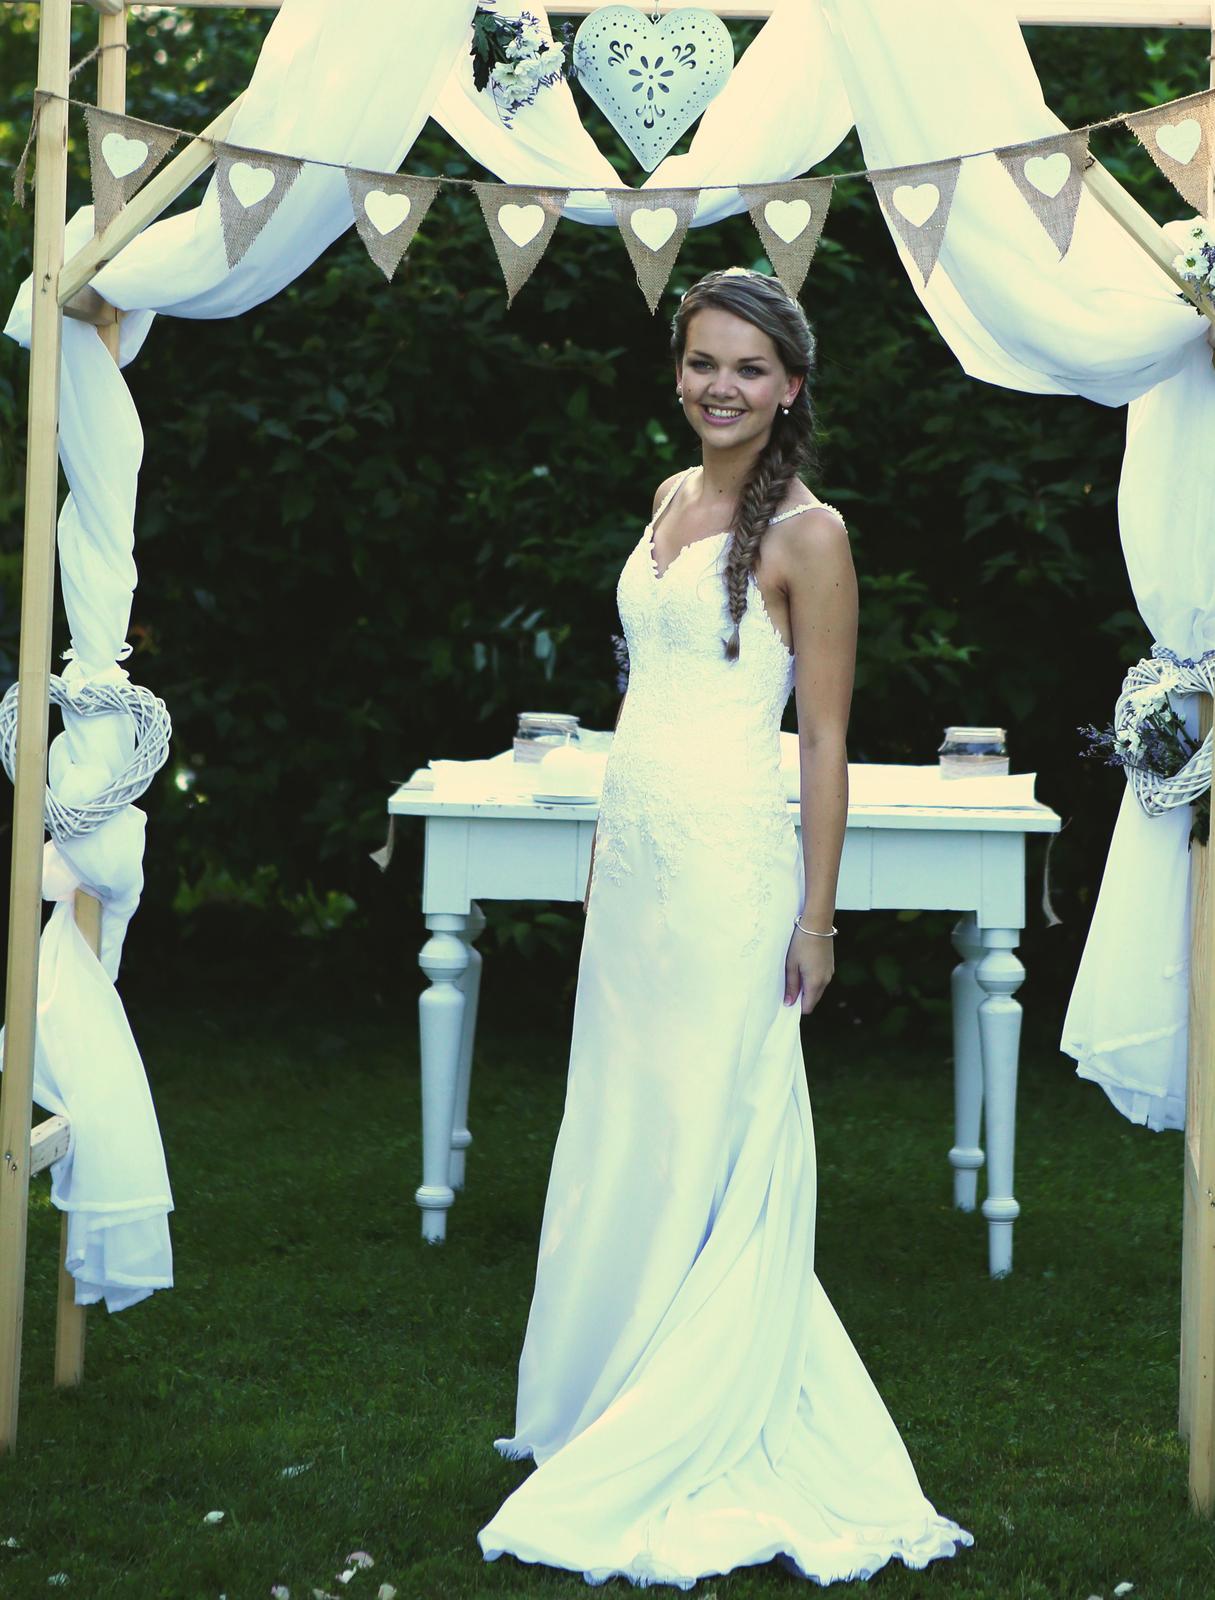 Svatební šaty šité na míru v jednoduchém stylu 58a9329a21